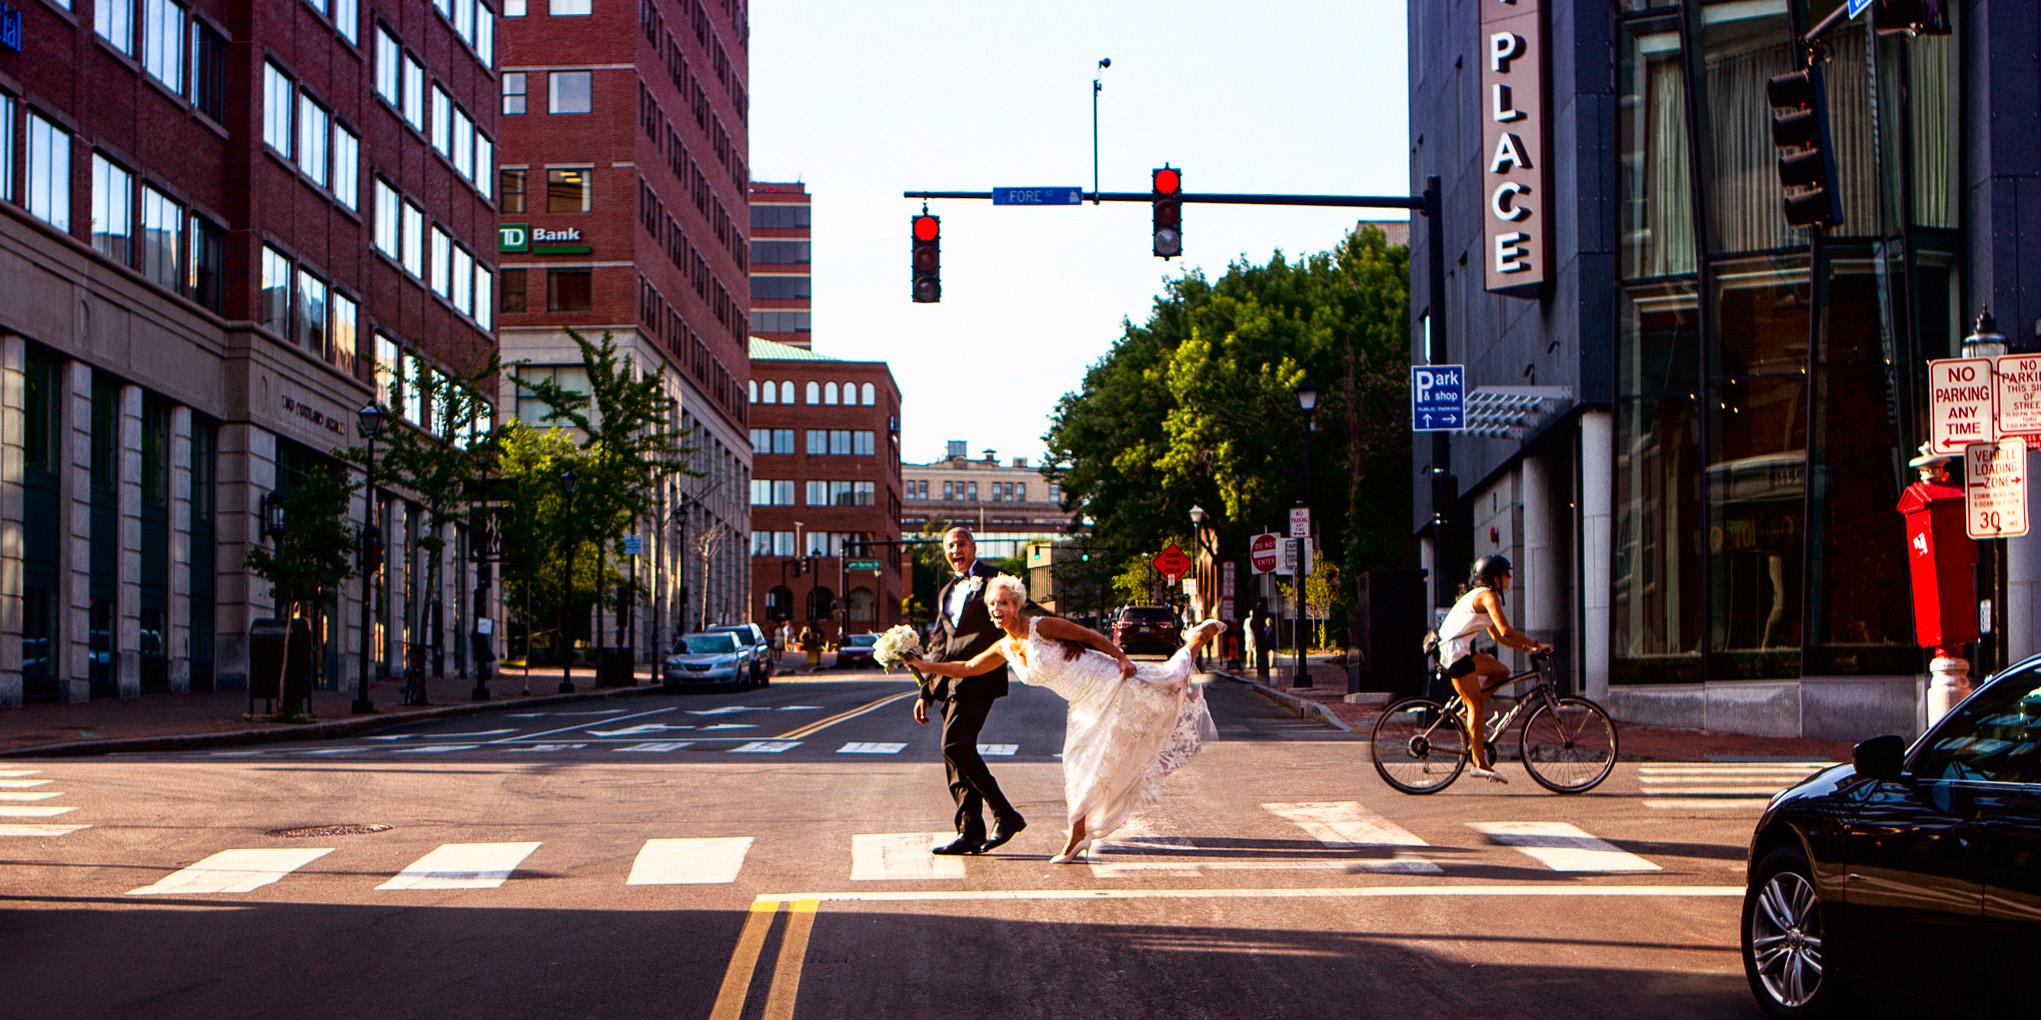 wedding couple crosses street